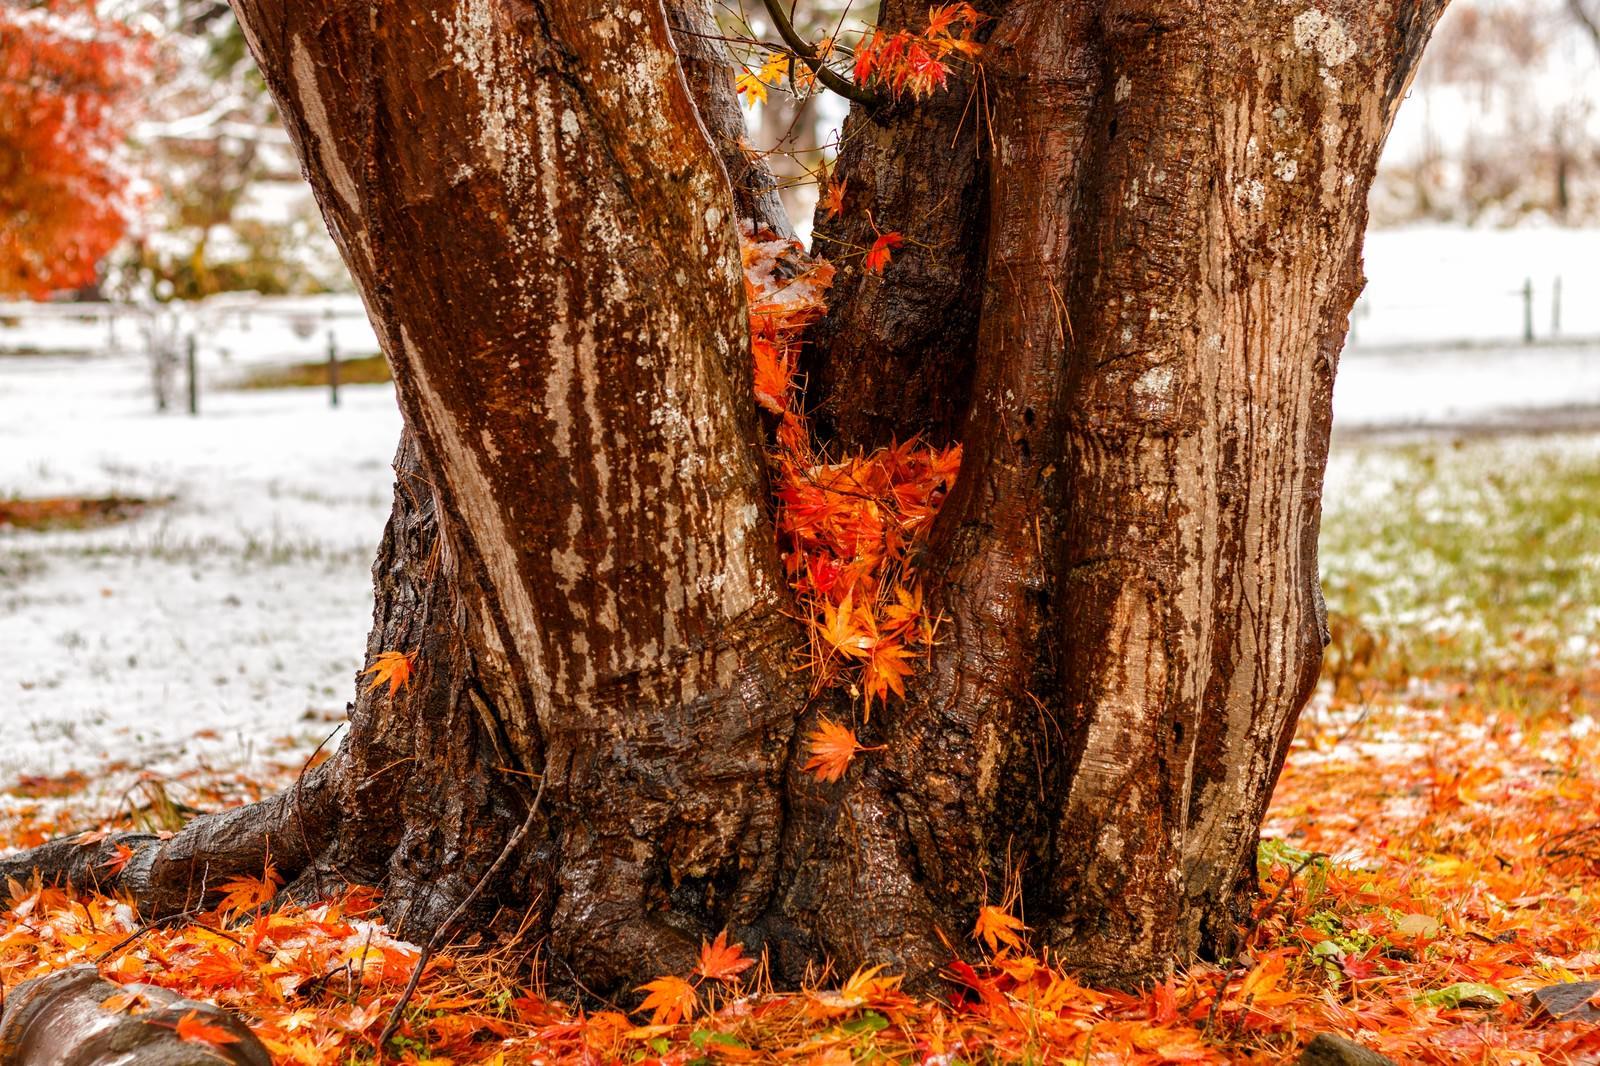 「木の間に積もった紅葉木の間に積もった紅葉」のフリー写真素材を拡大